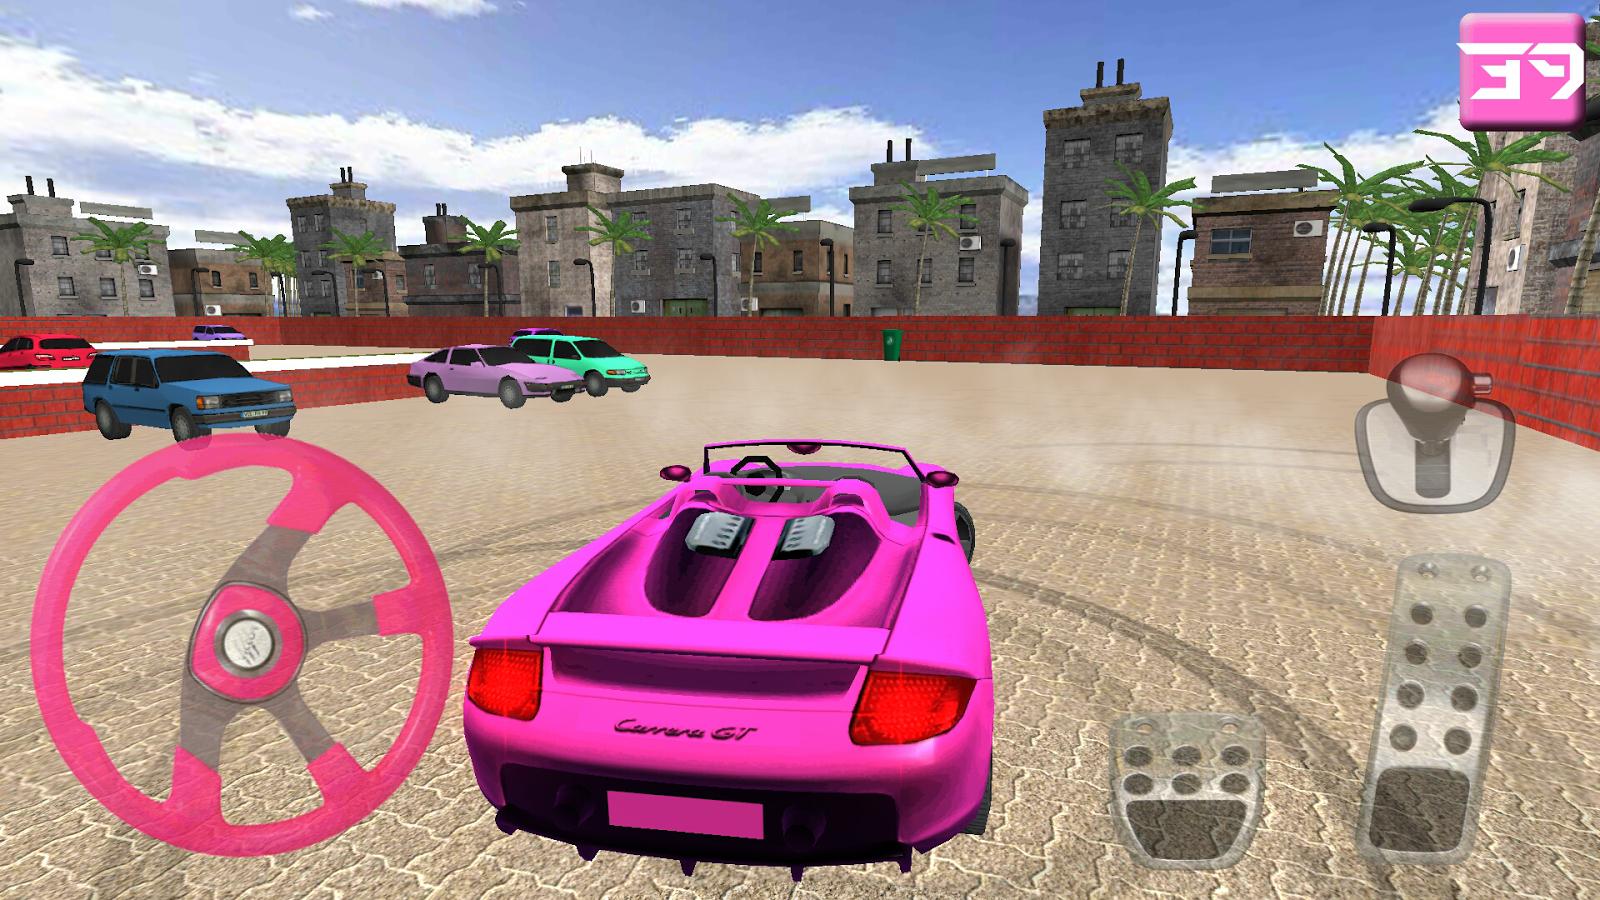 Valet Parking 3D Car Game - Free online games at